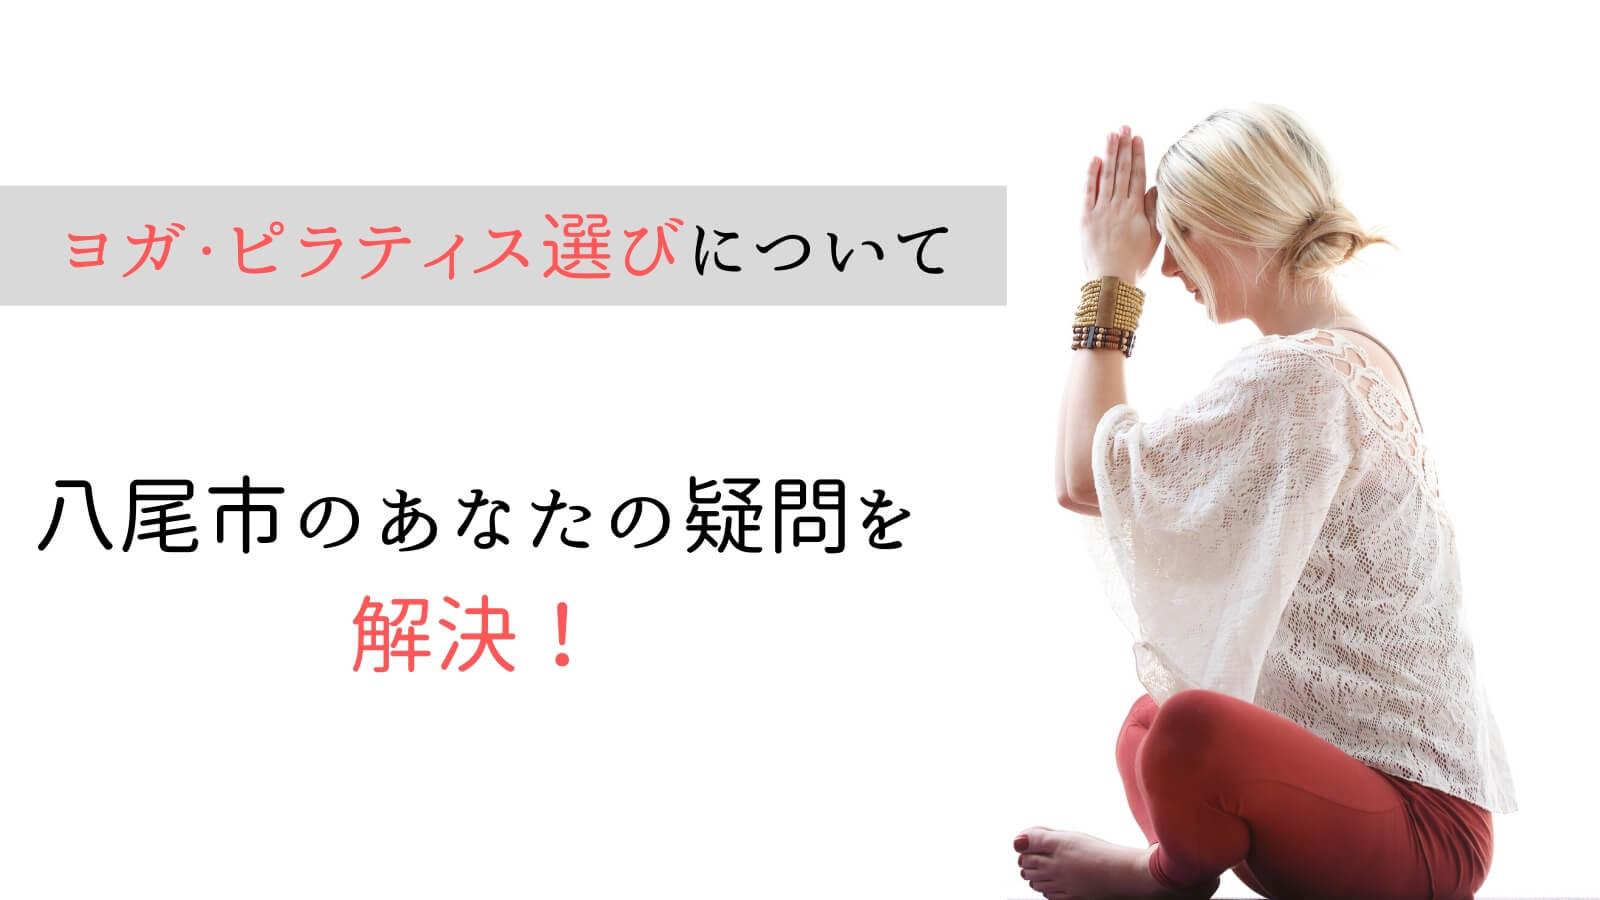 八尾市でのヨガ・ピラティススタジオ選びに関するQ&A